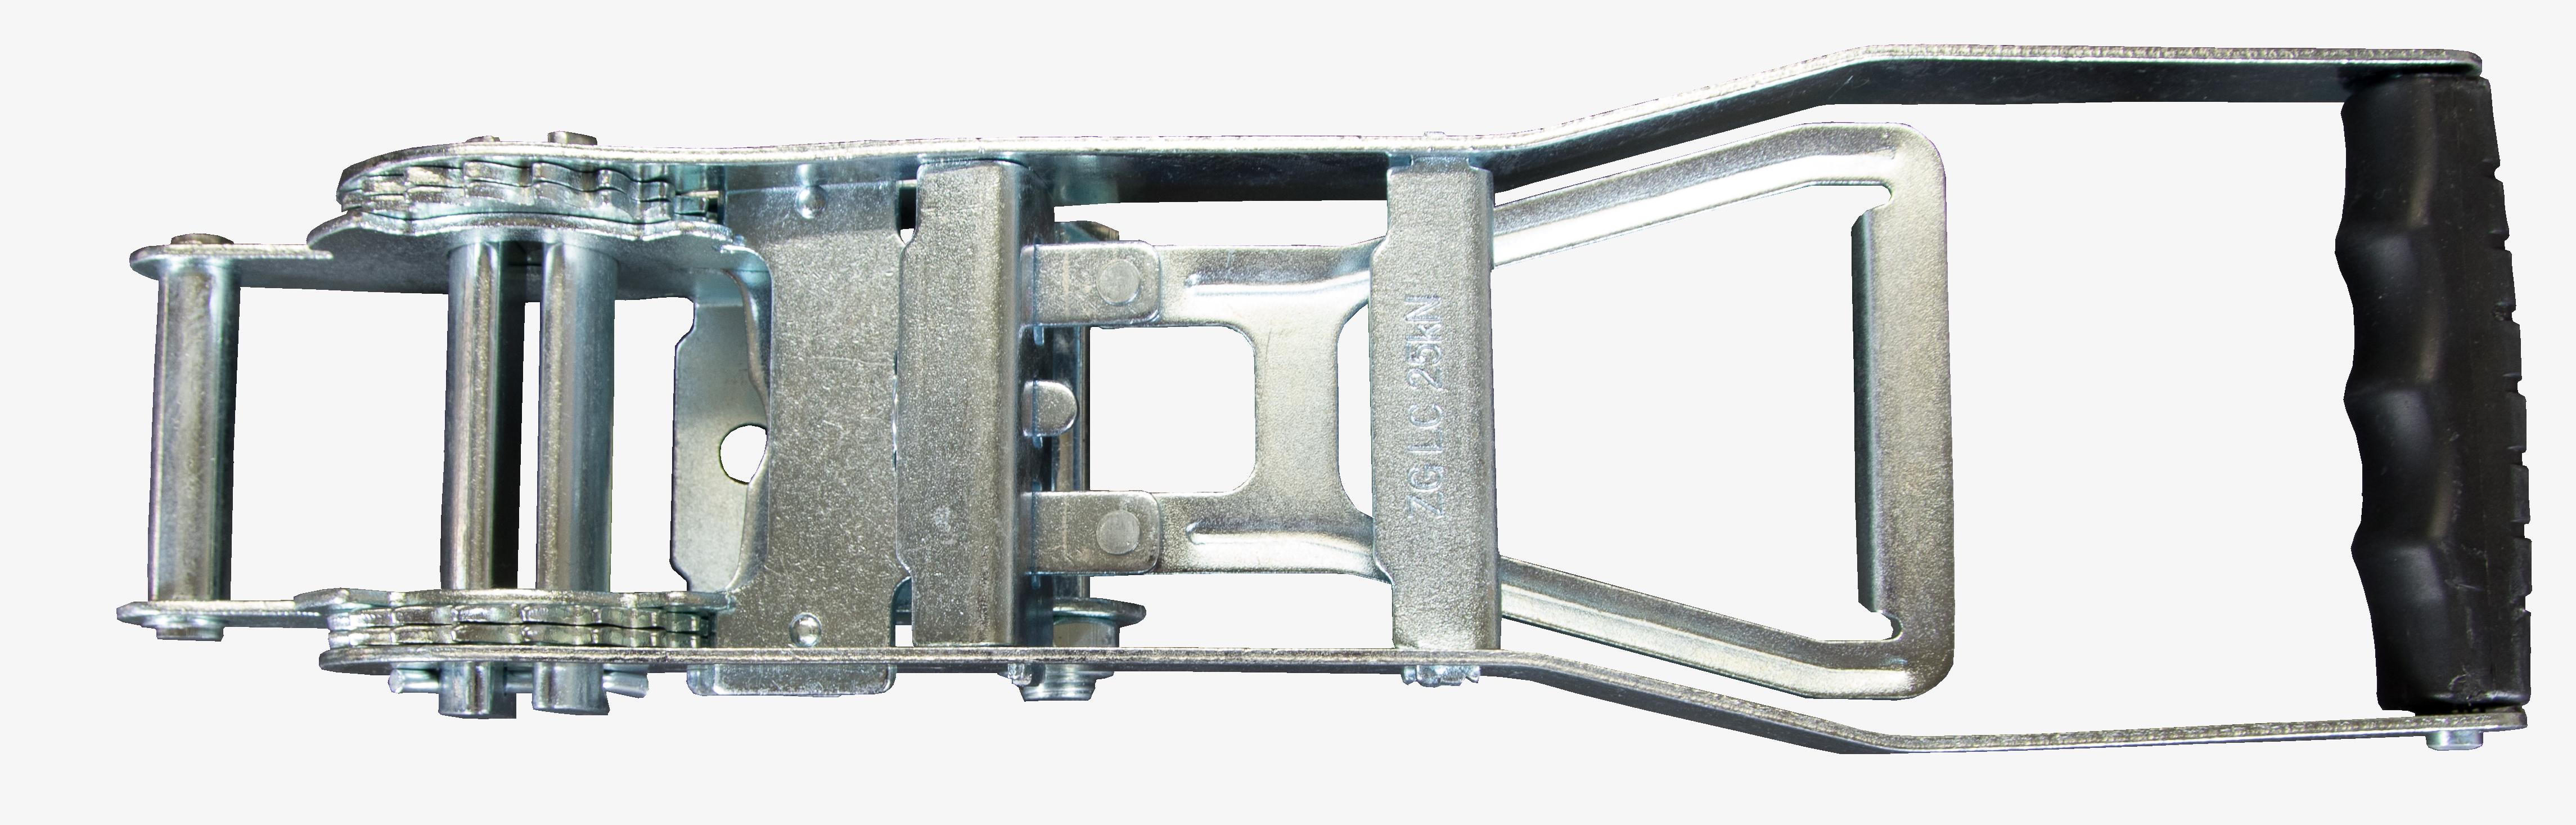 Langhebel Druckratsche Ergo PLUS für Bandbreite 50 mm